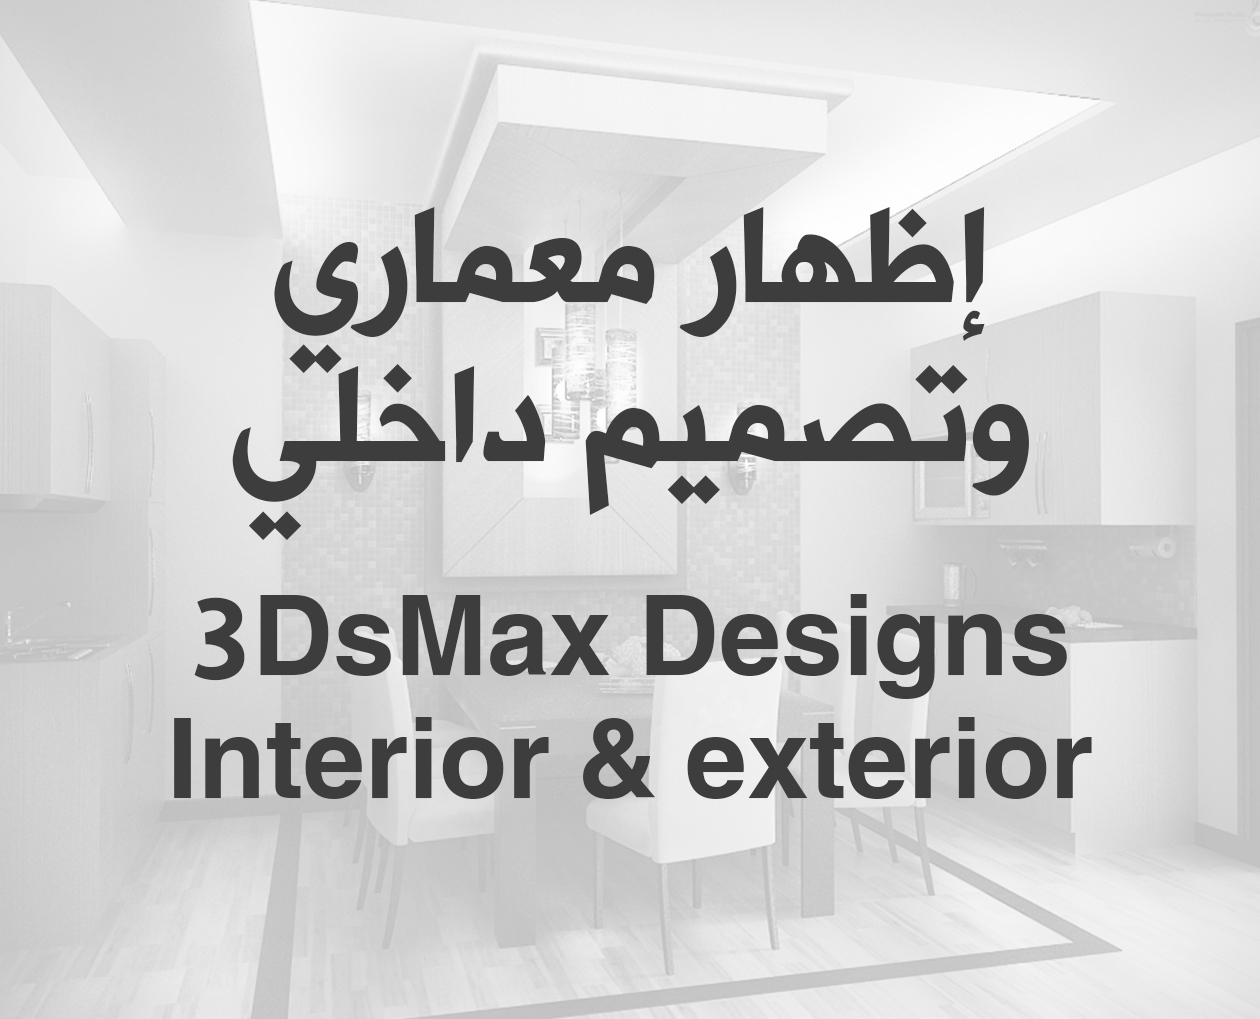 أعمال الإظهار المعماري 3DsMax والتصميم الداخلي والخارجي